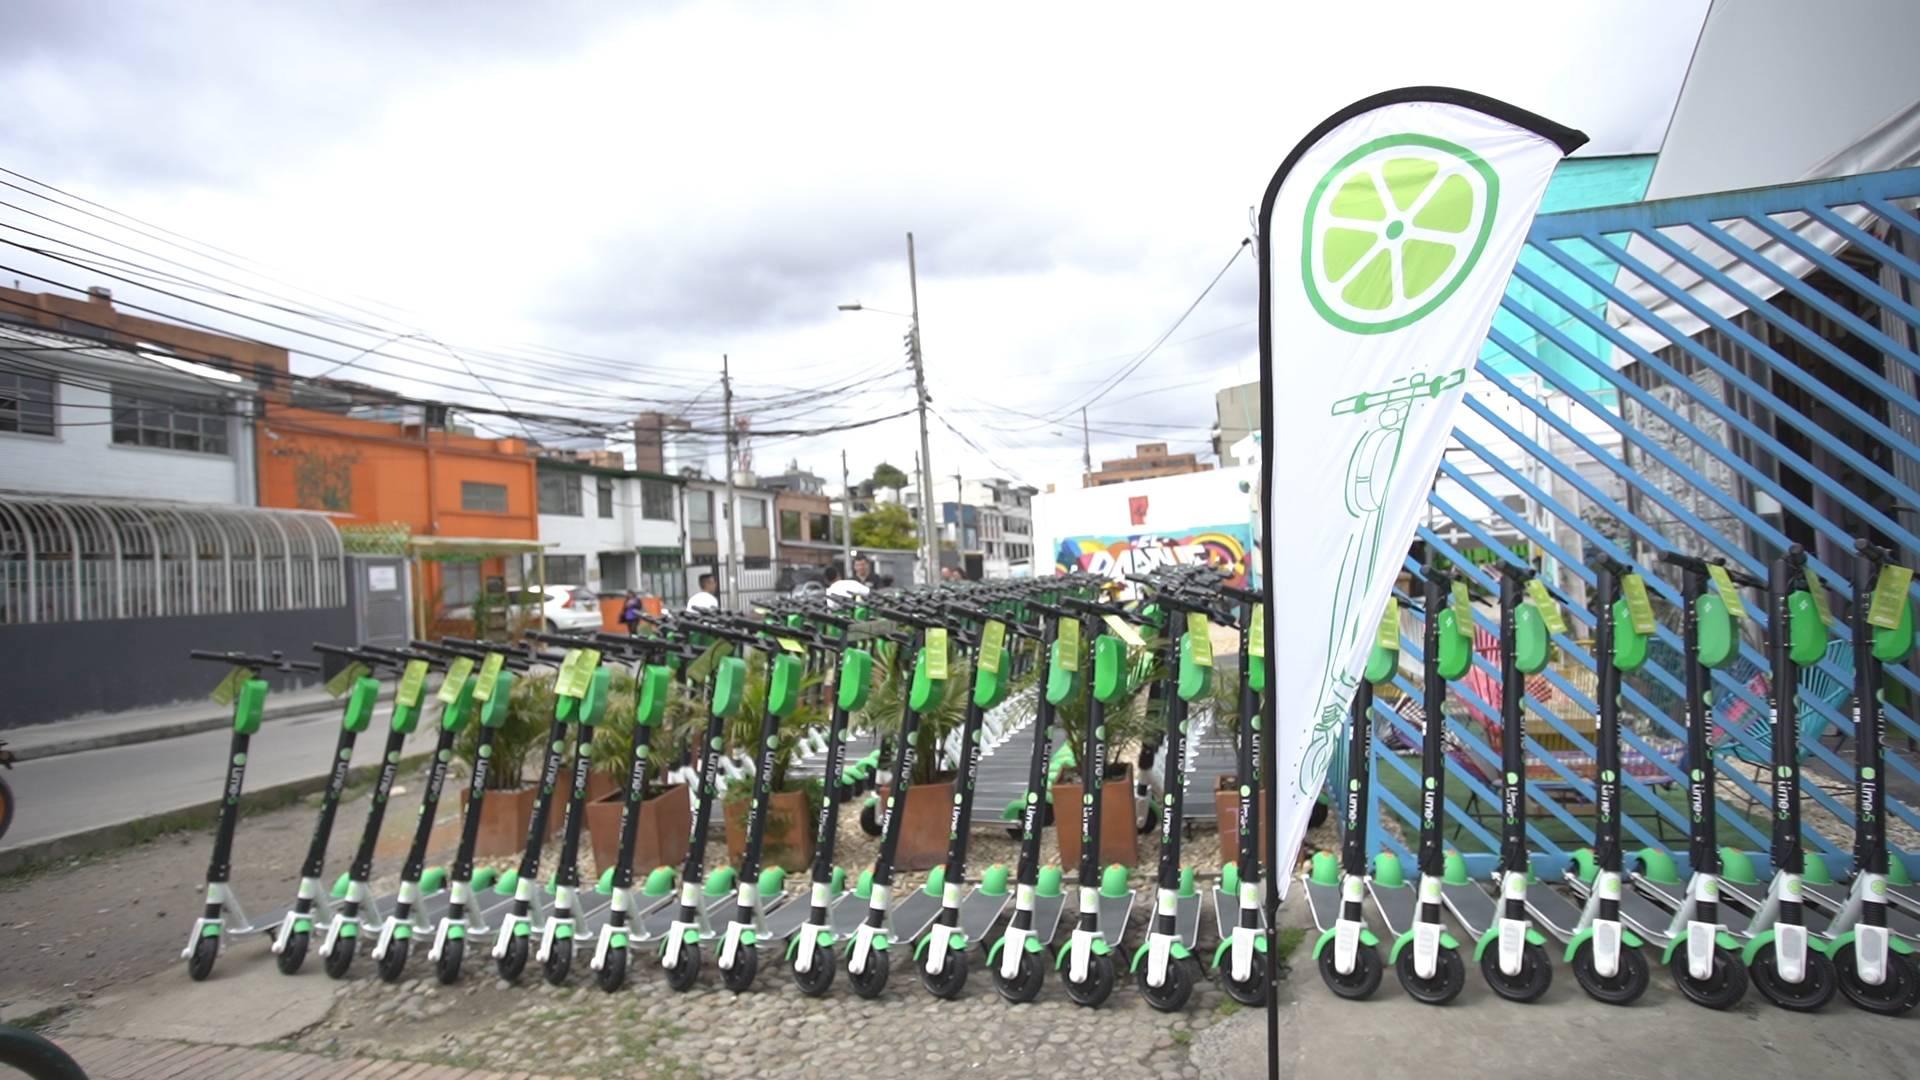 Ya era hora: Las patinetas de Lime finalmente llegan a Bogotá